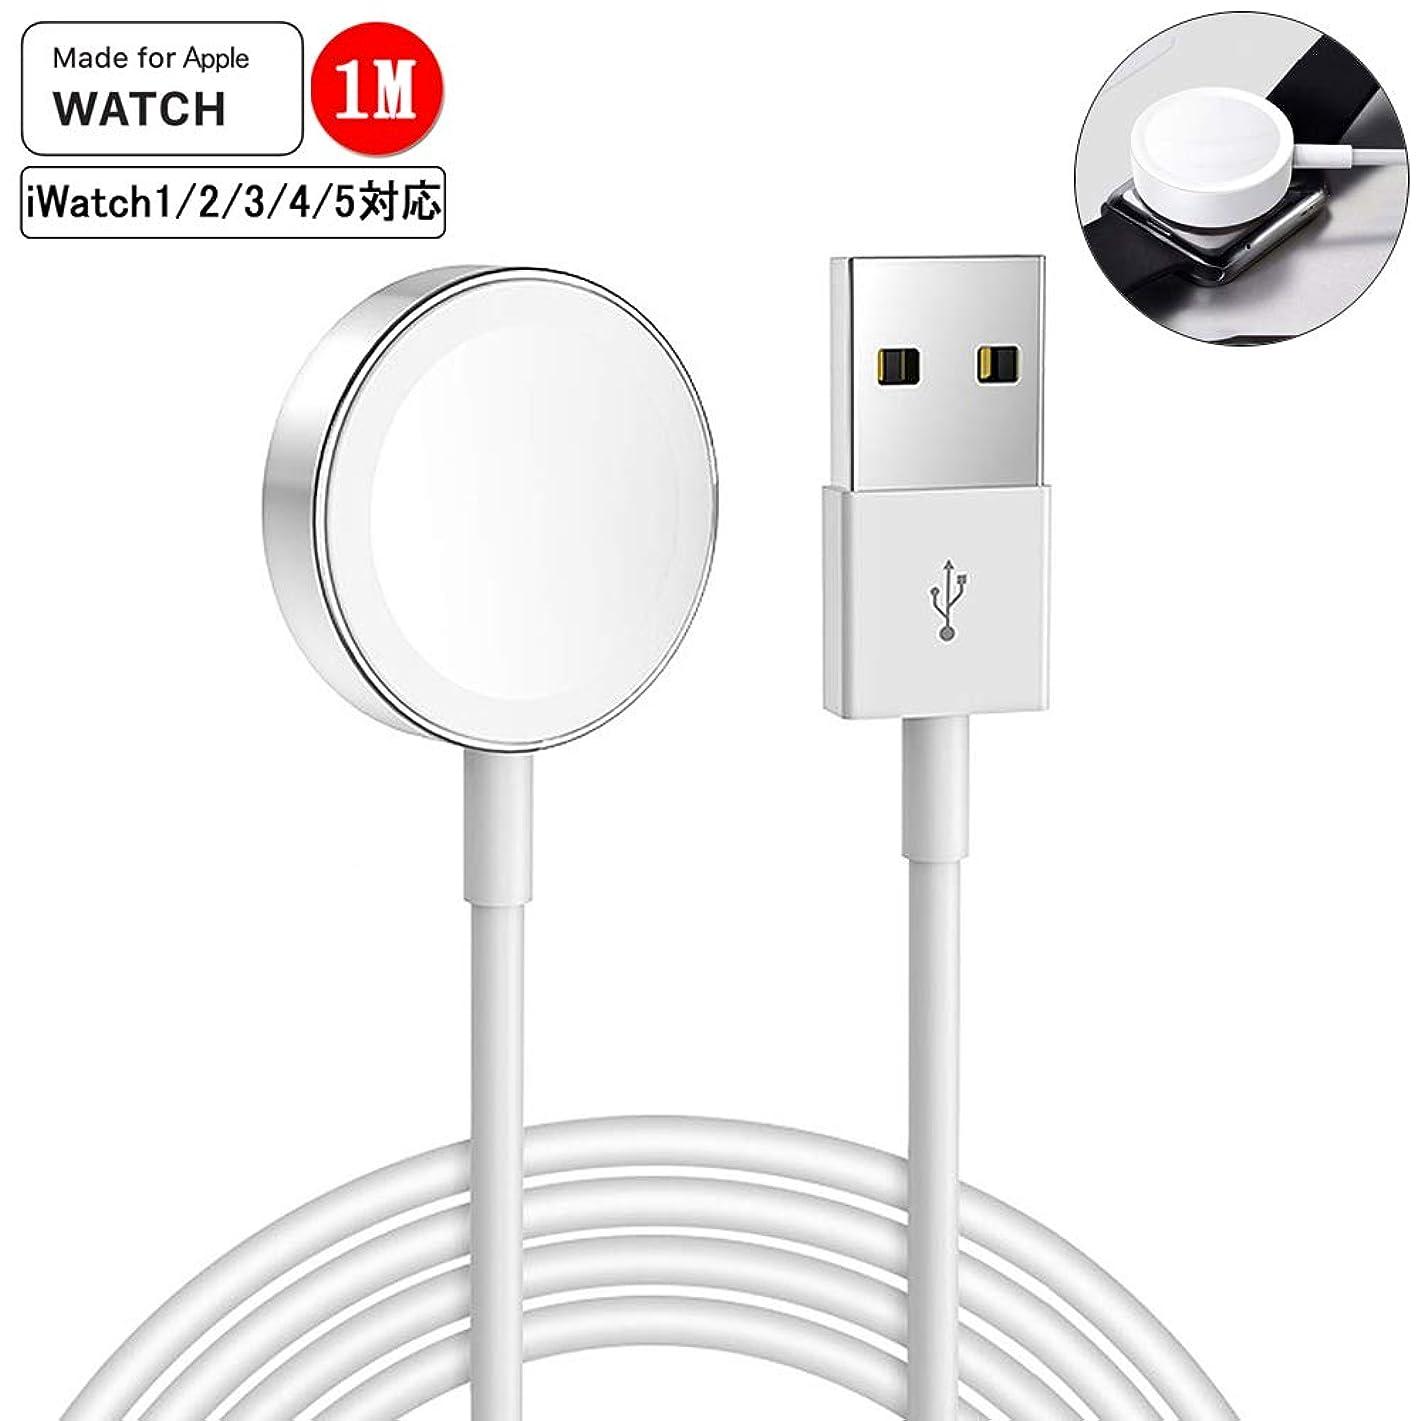 いわゆるフォーマルマニアSLuB アップルウォッチ4 充電器 - Apple Watch3 充電器 - マグネティック iWatch2 充電器 38mm 42mm にも対応 Qiワイヤレス充電器 Apple Watch Series 5/4/3/2/1に適用 (ホワイト 642)